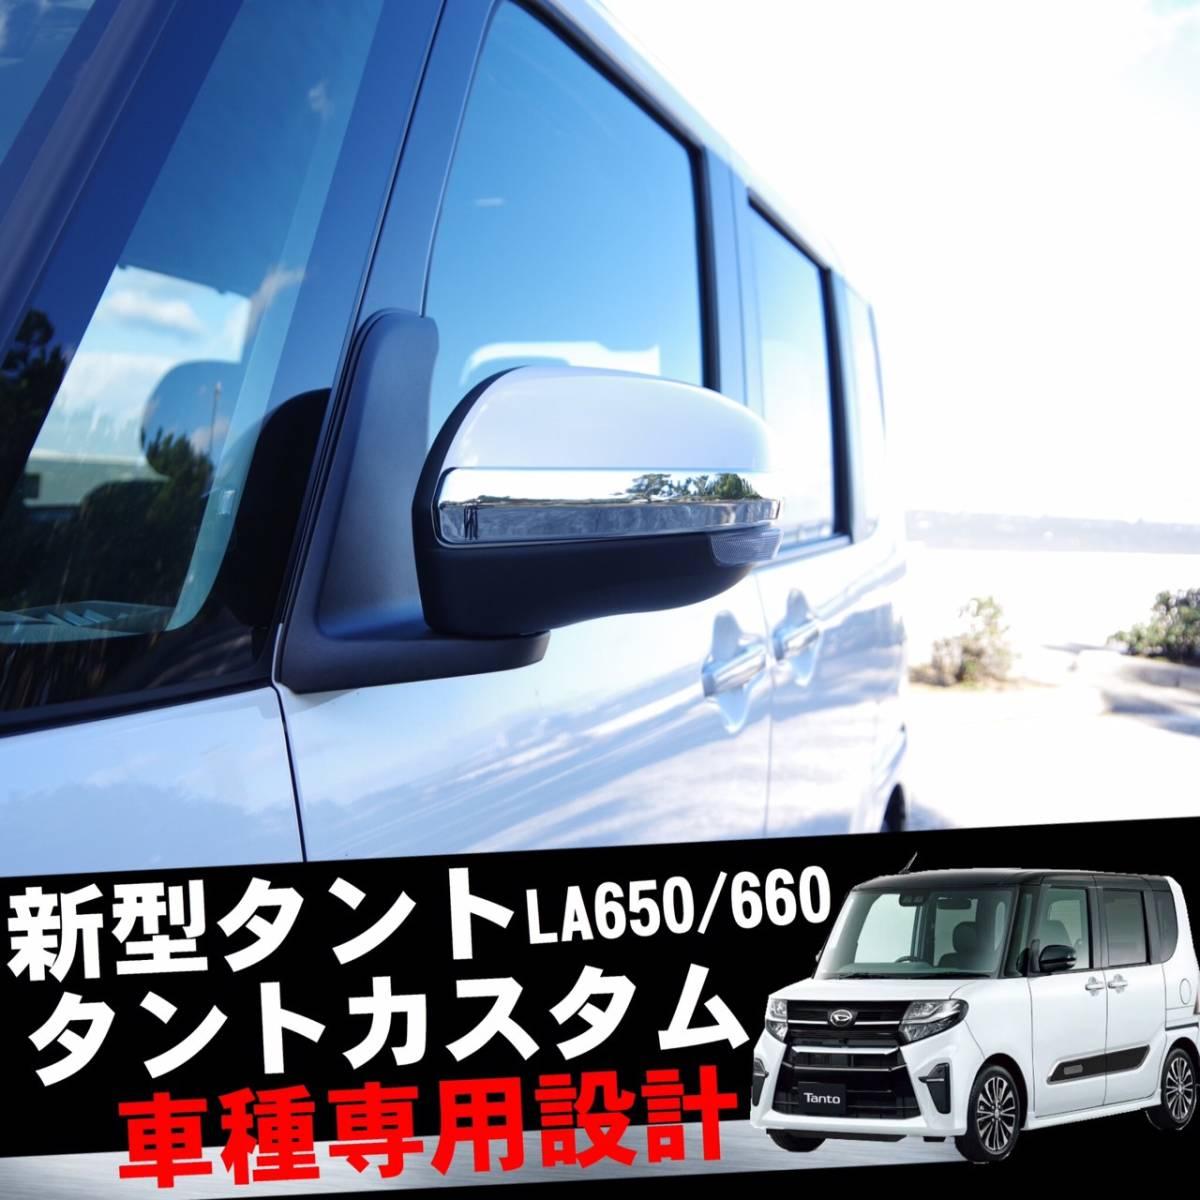 新型タント カスタム LA650 LA660 エアコン ドアミラー ガーニッシュ